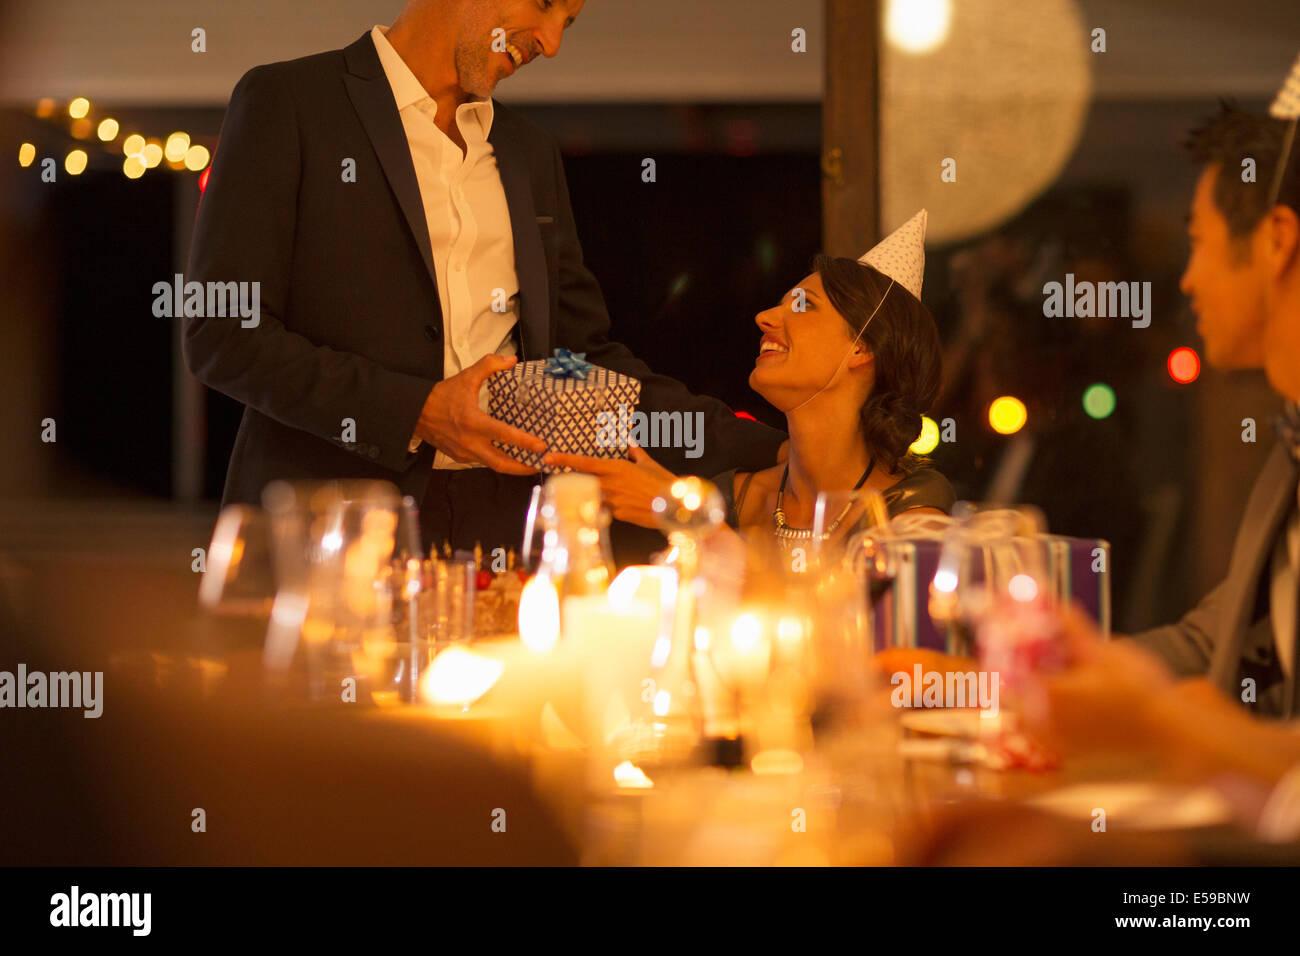 Mann, Frau Geschenk auf Geburtstagsparty Stockbild